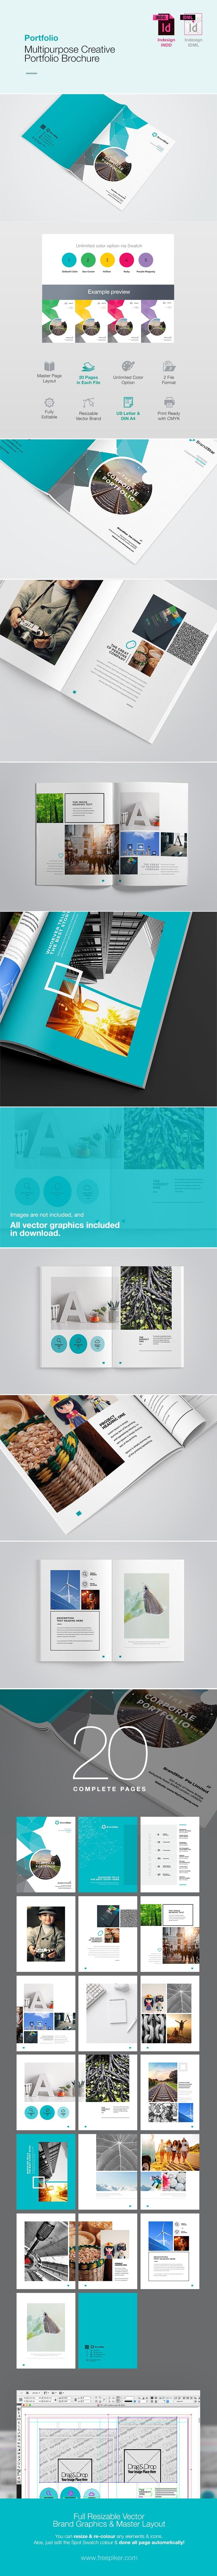 Multipurpose Creative Portfolio Brochure